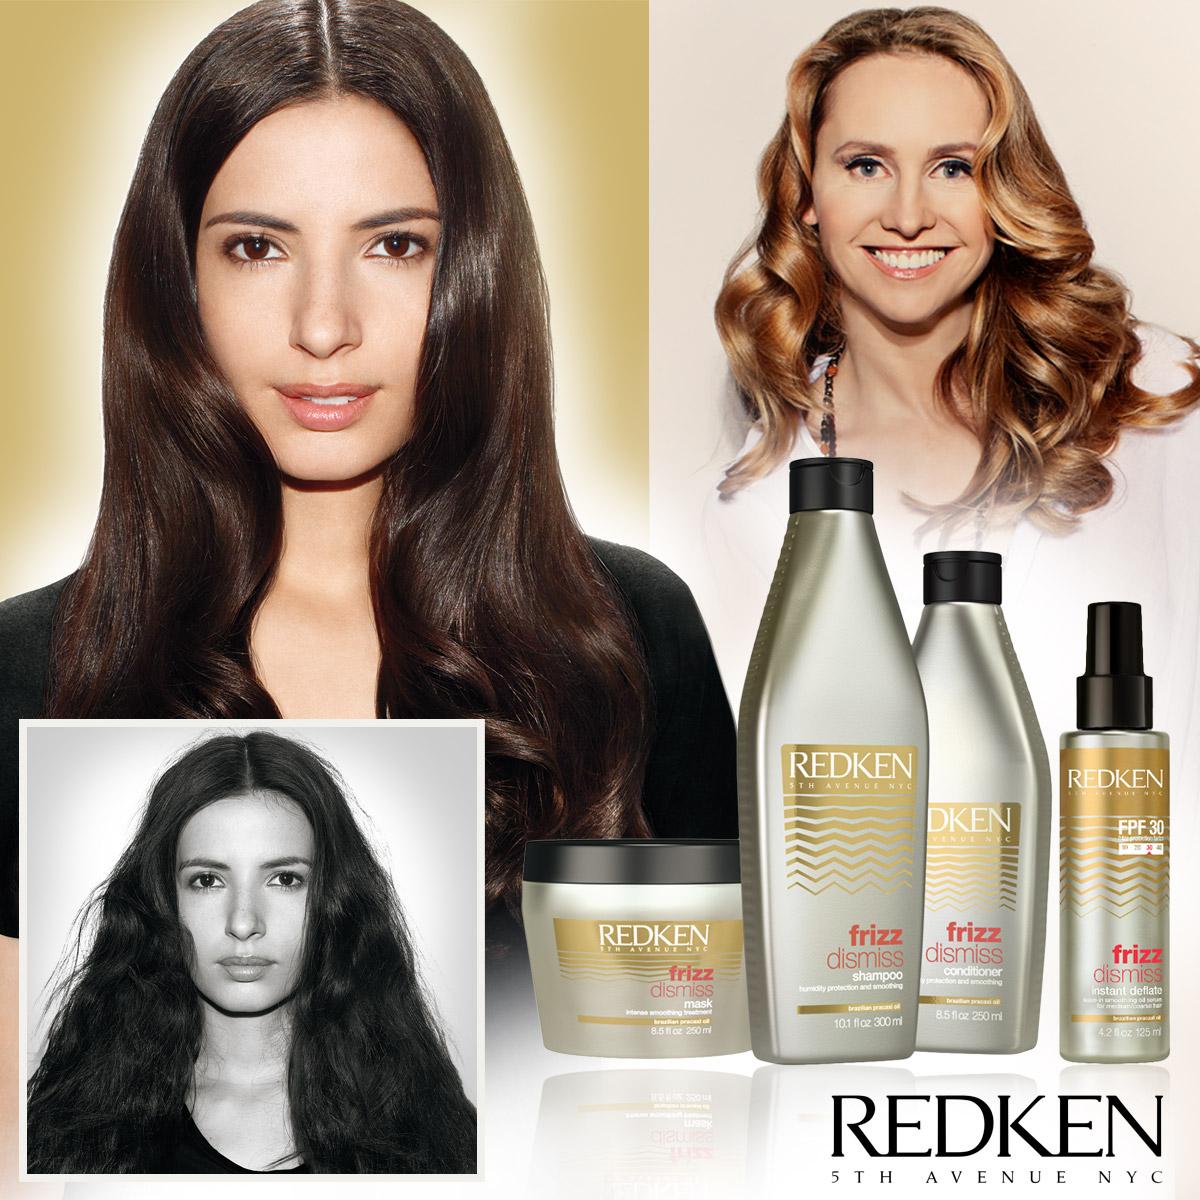 Kadeřnice a Redken Art Designer Jana Burdová radí, jak na krepaté vlasy díky novince od Redken Frizz Dismiss.